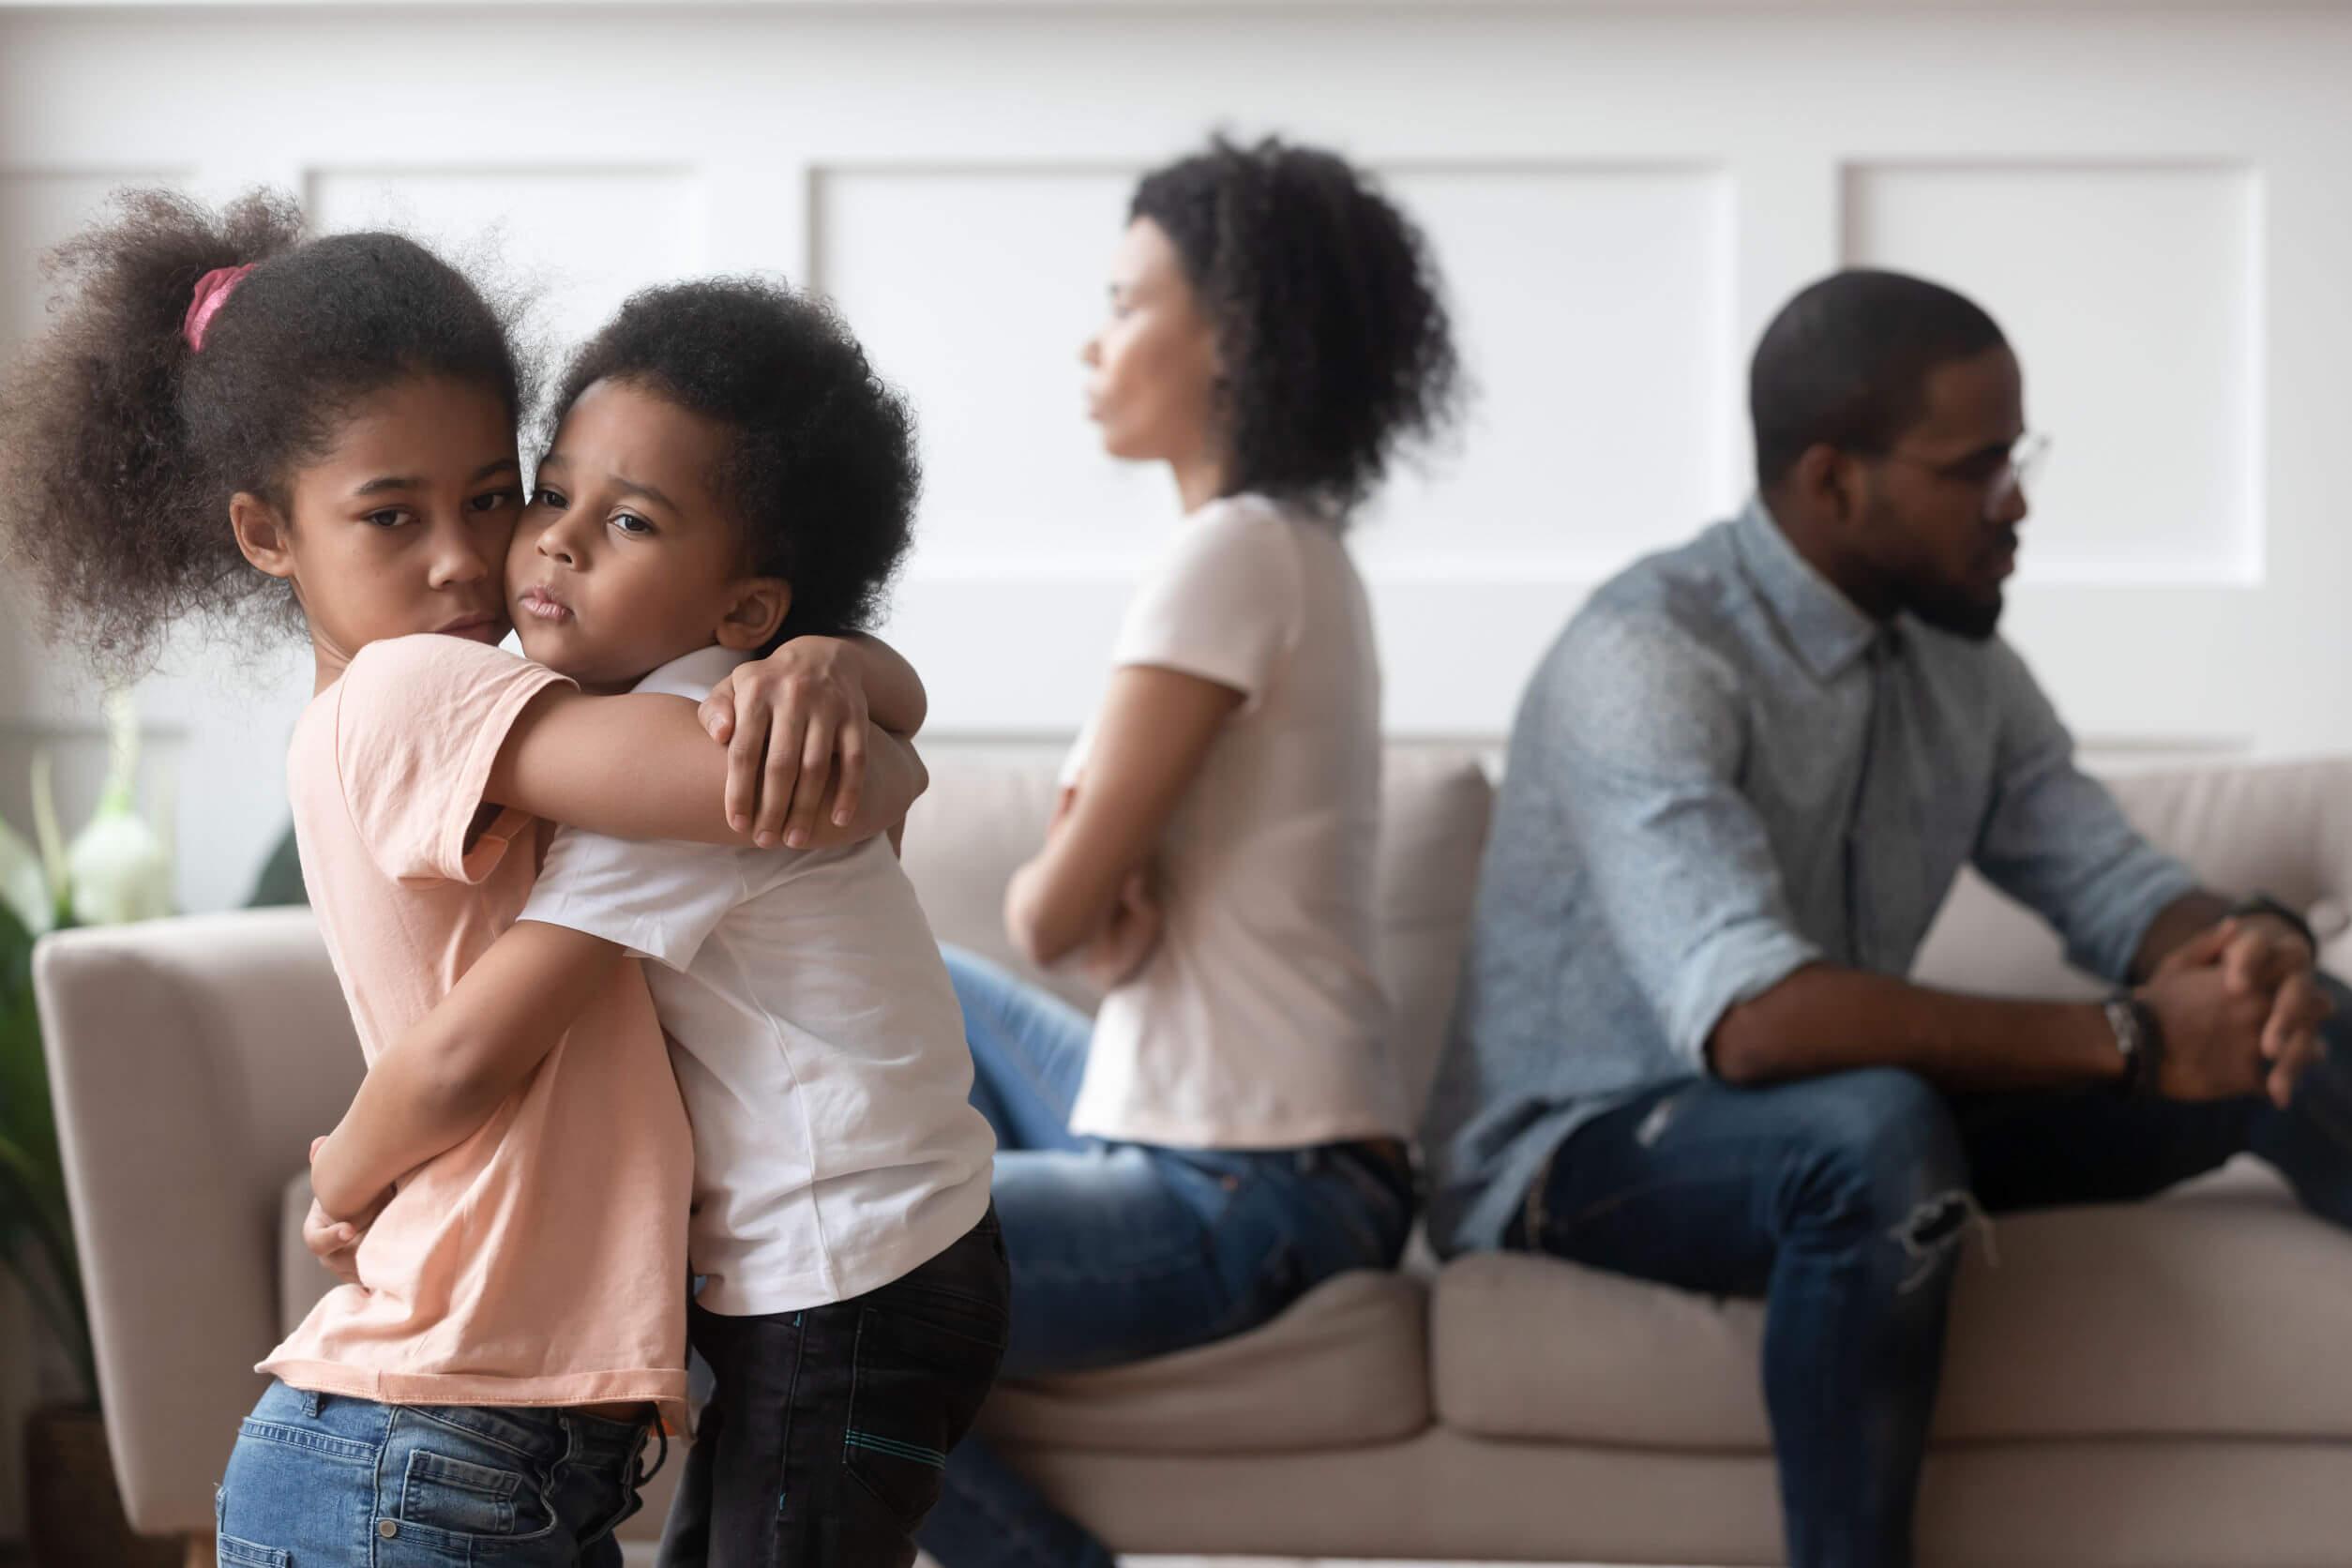 Os mitos sobre o amor incluem a formação de uma família.